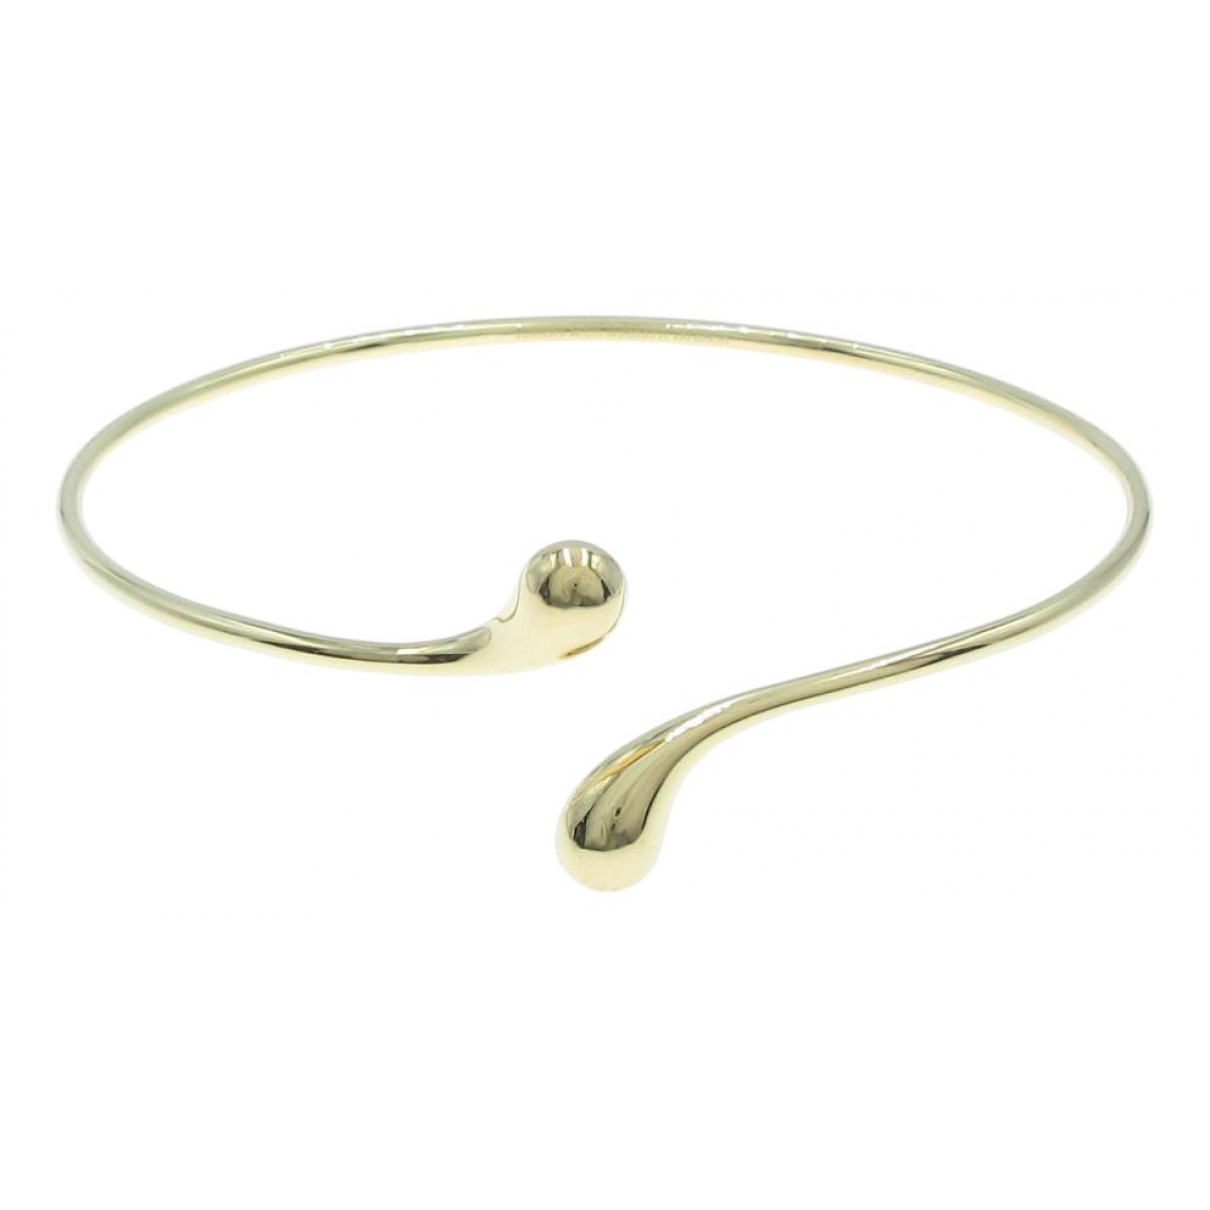 Tiffany & Co \N Silver Yellow gold bracelet for Women \N